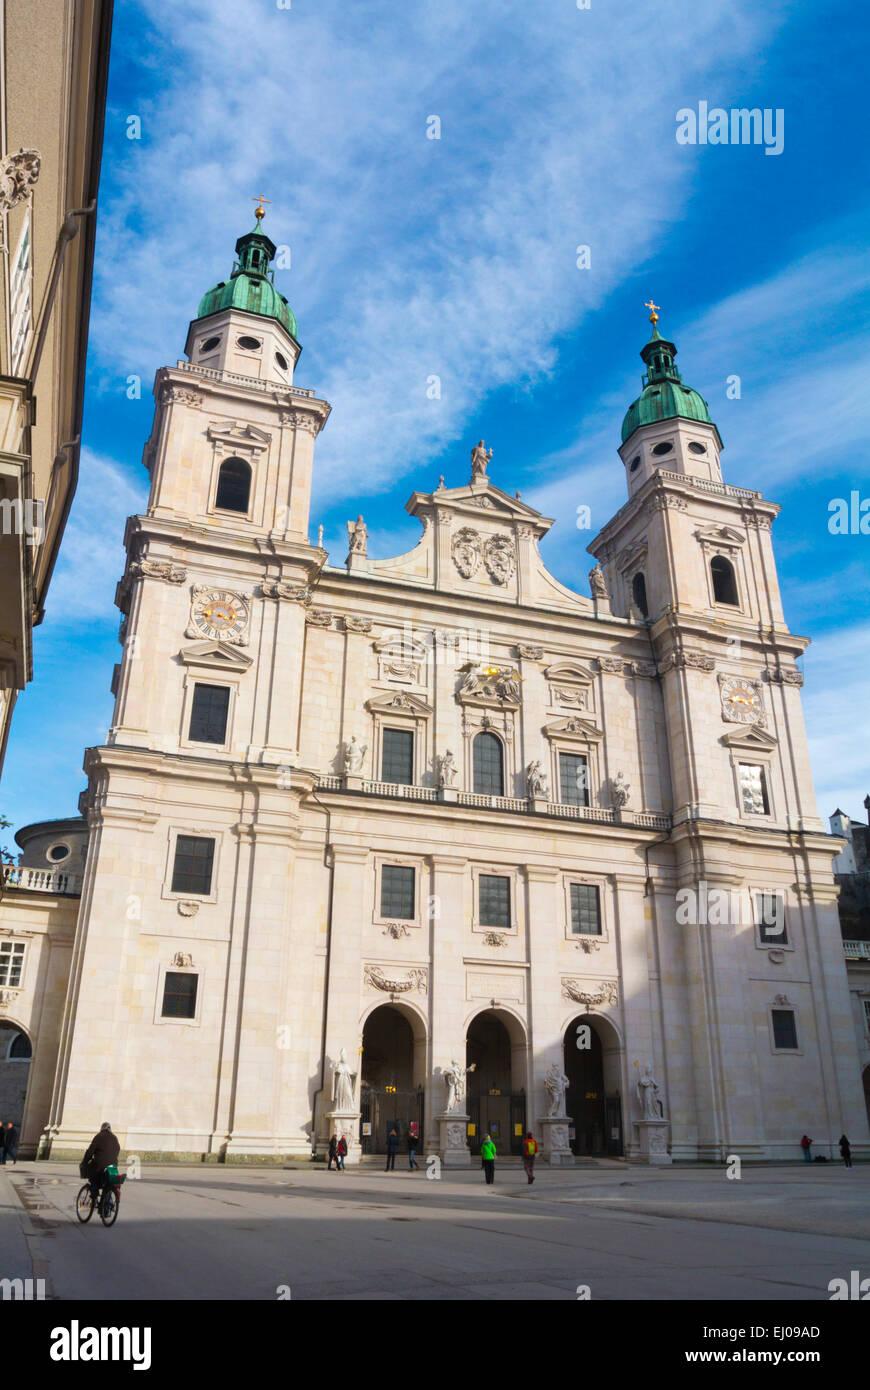 Dom Zu Salzburg, Dom, Domplatz, Altstadt, Altstadt, Salzburg, Österreich Stockbild